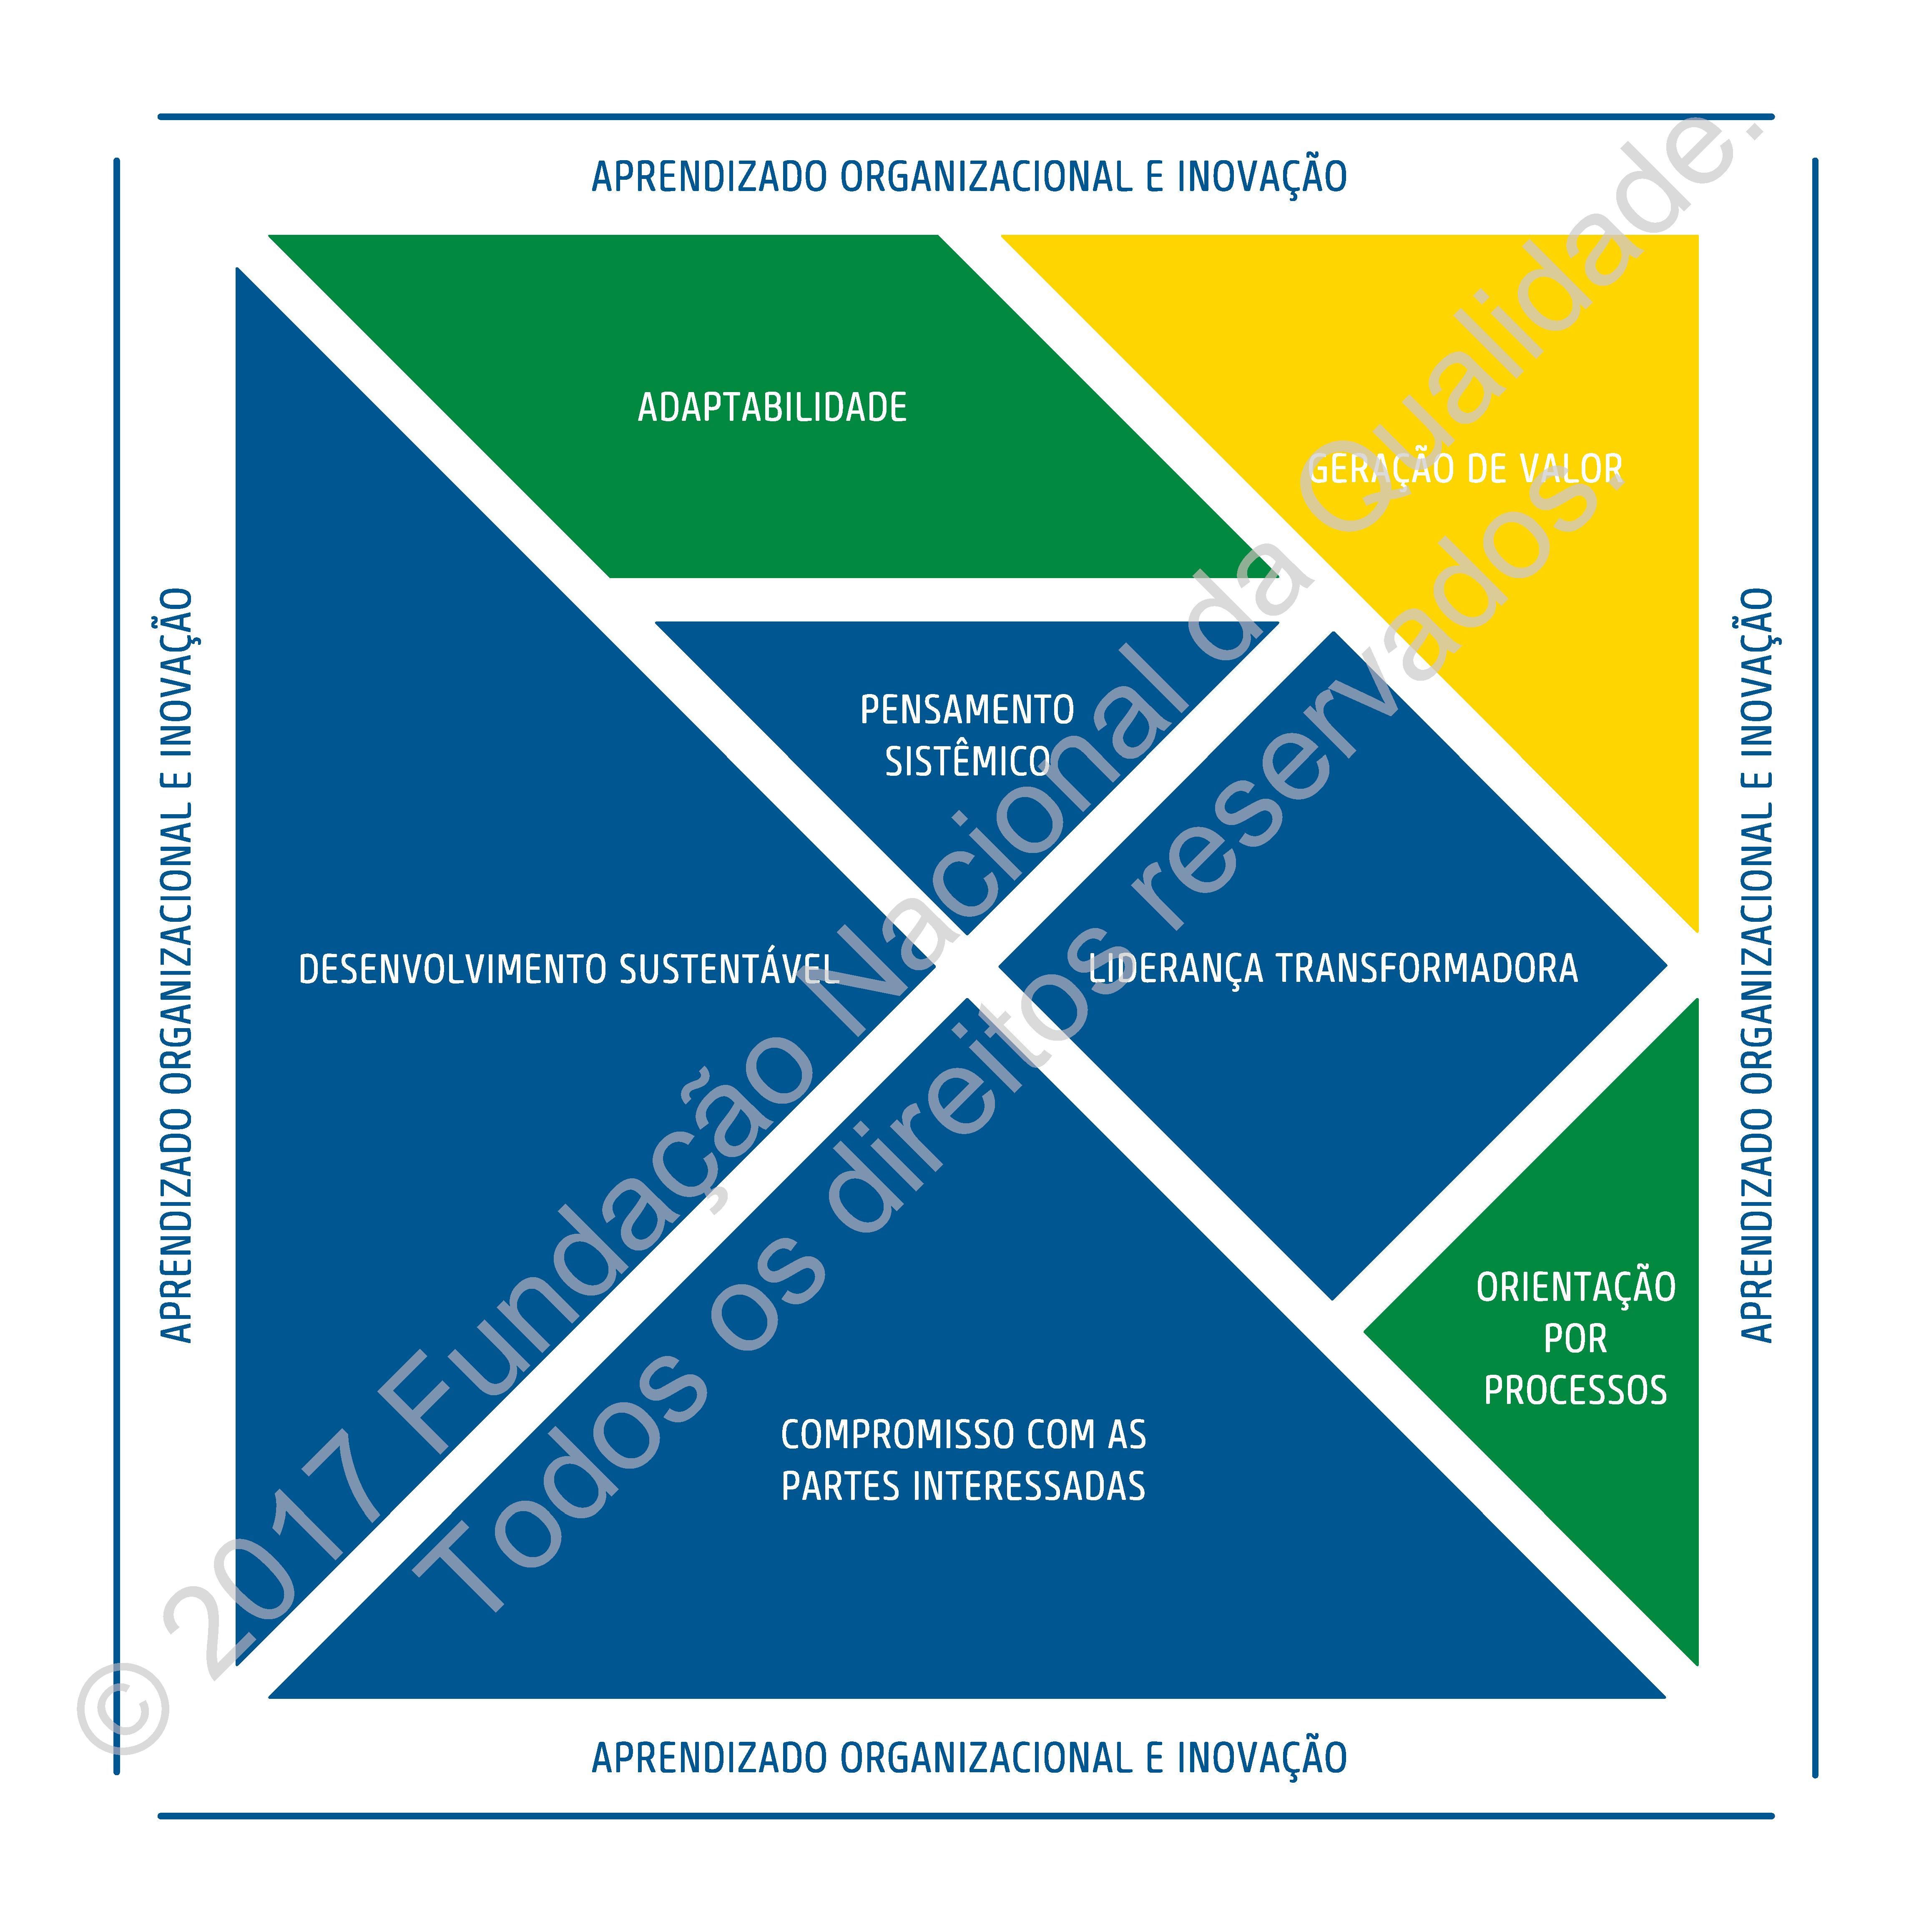 Tangram do Modelo de Excelência em Gestão MEG - Fonte: http://www.fnq.org.br/MEG_MARCADAGUA.png